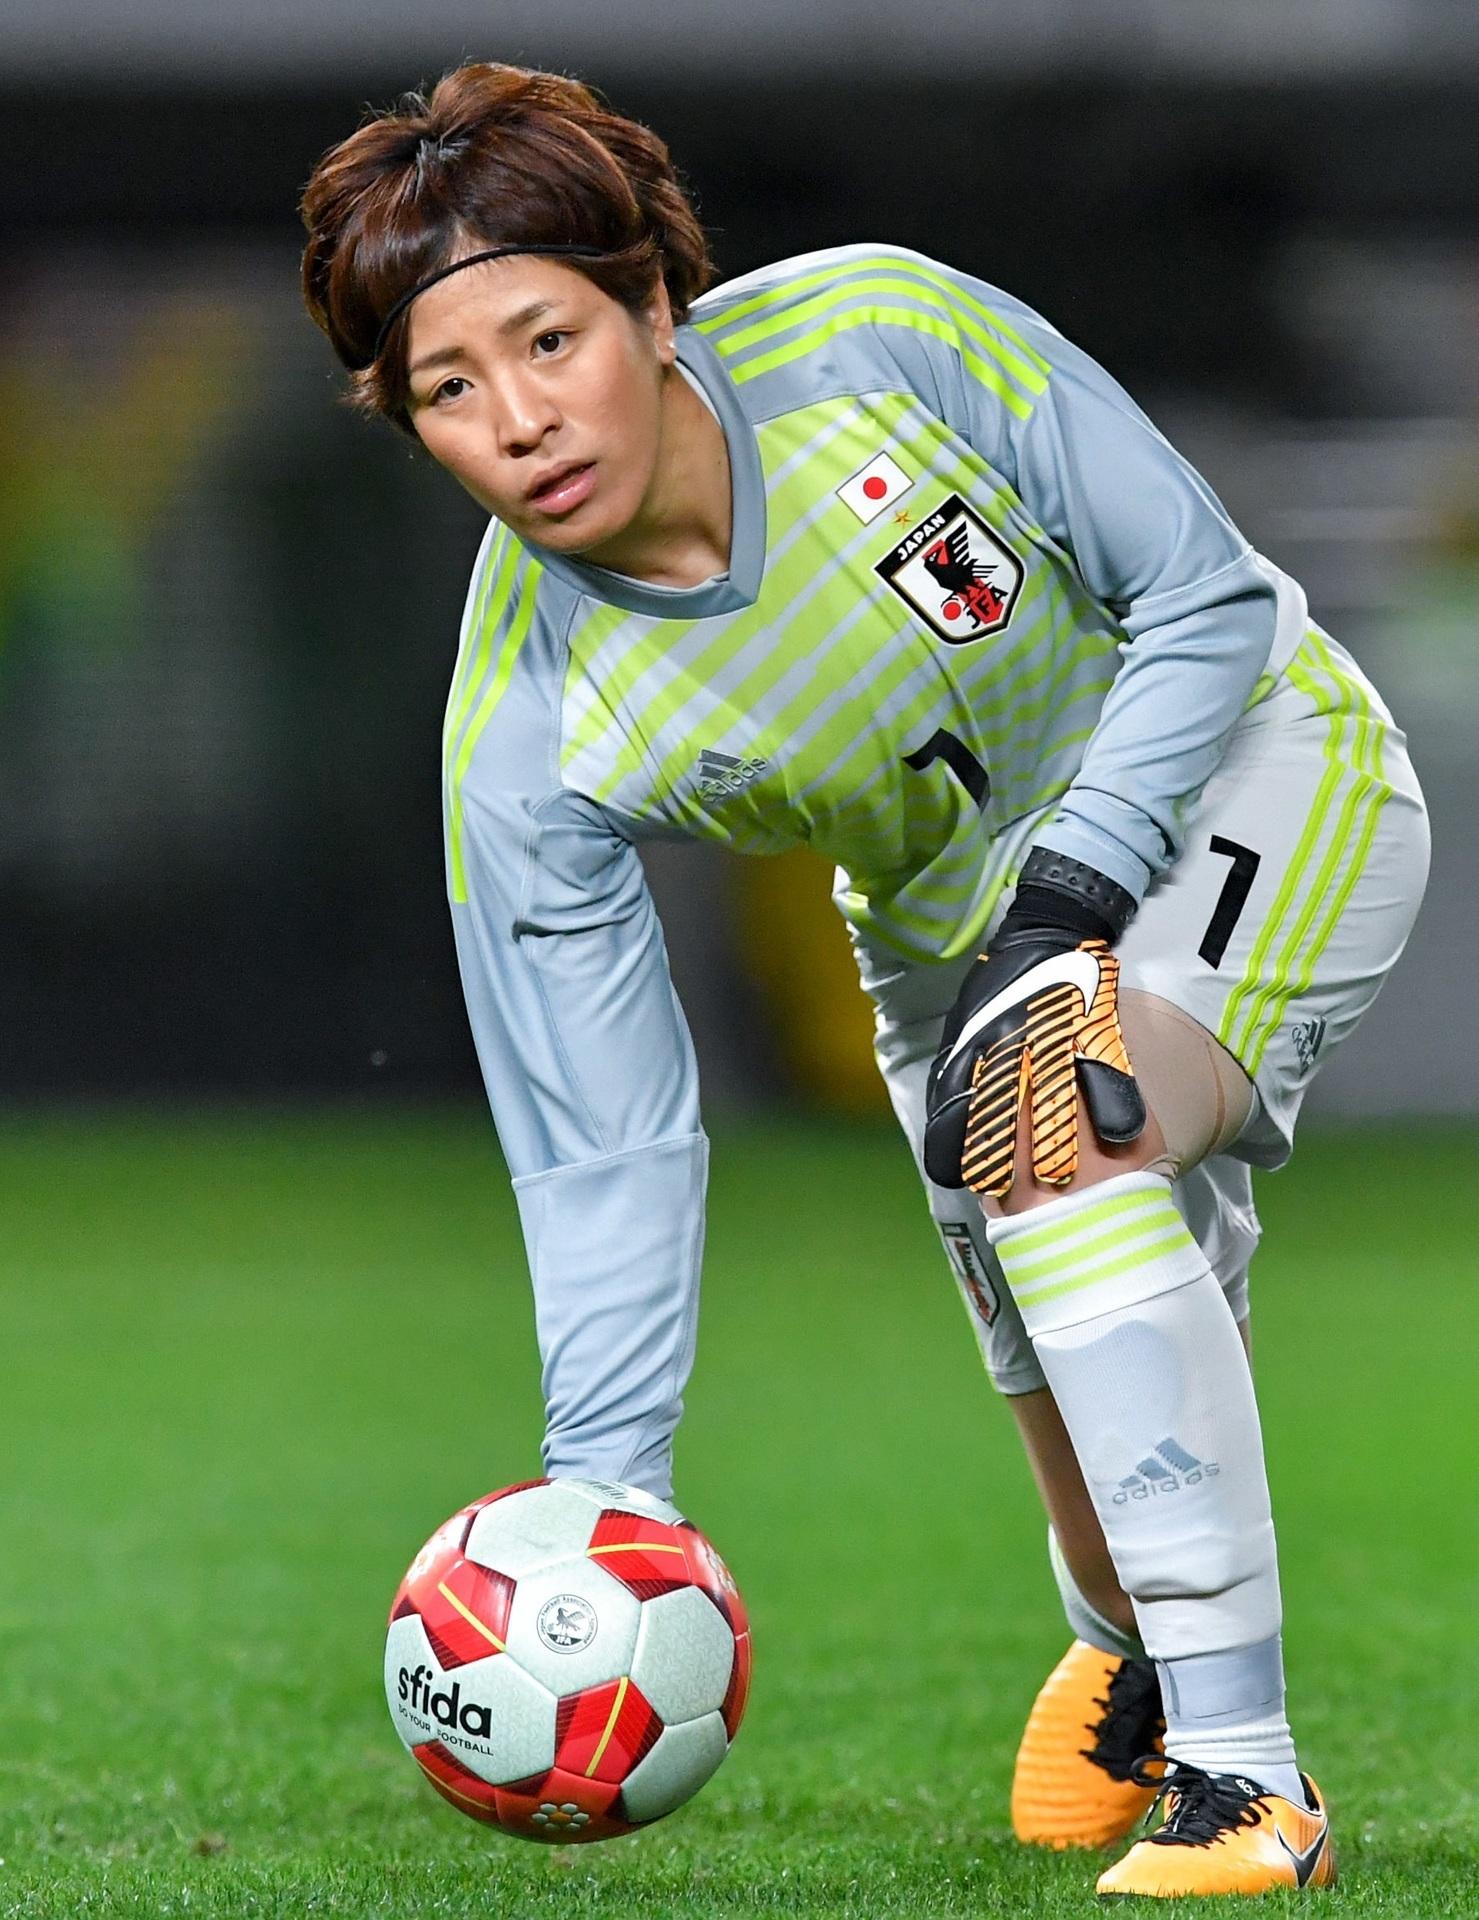 なでしこ-2017-adidas-E1カップ-GK-池田咲紀子.jpg